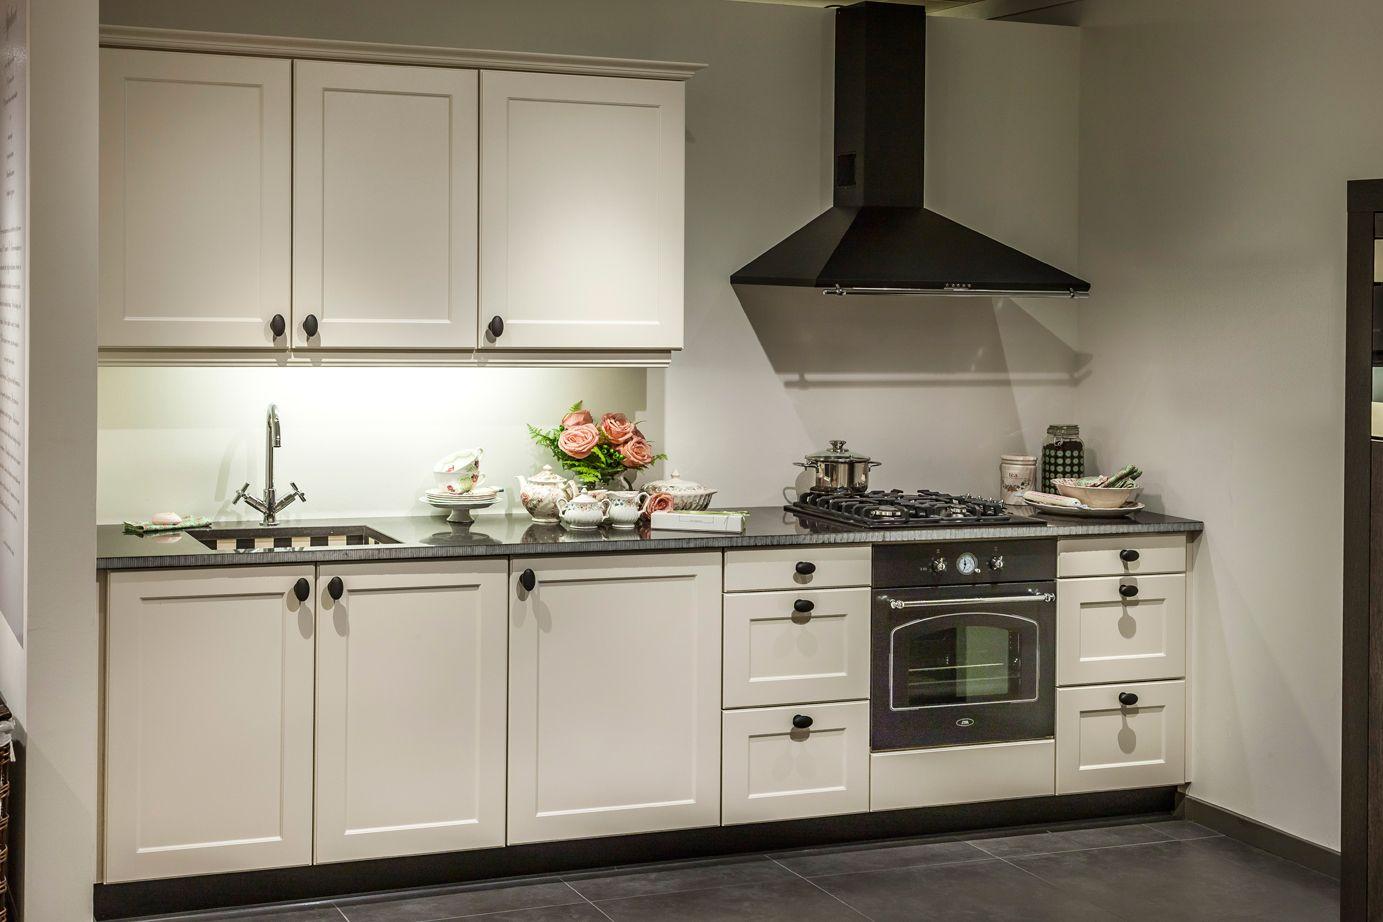 Meer dan 1000 ideeën over Keuken Knoppen op Pinterest - Dressoir ...